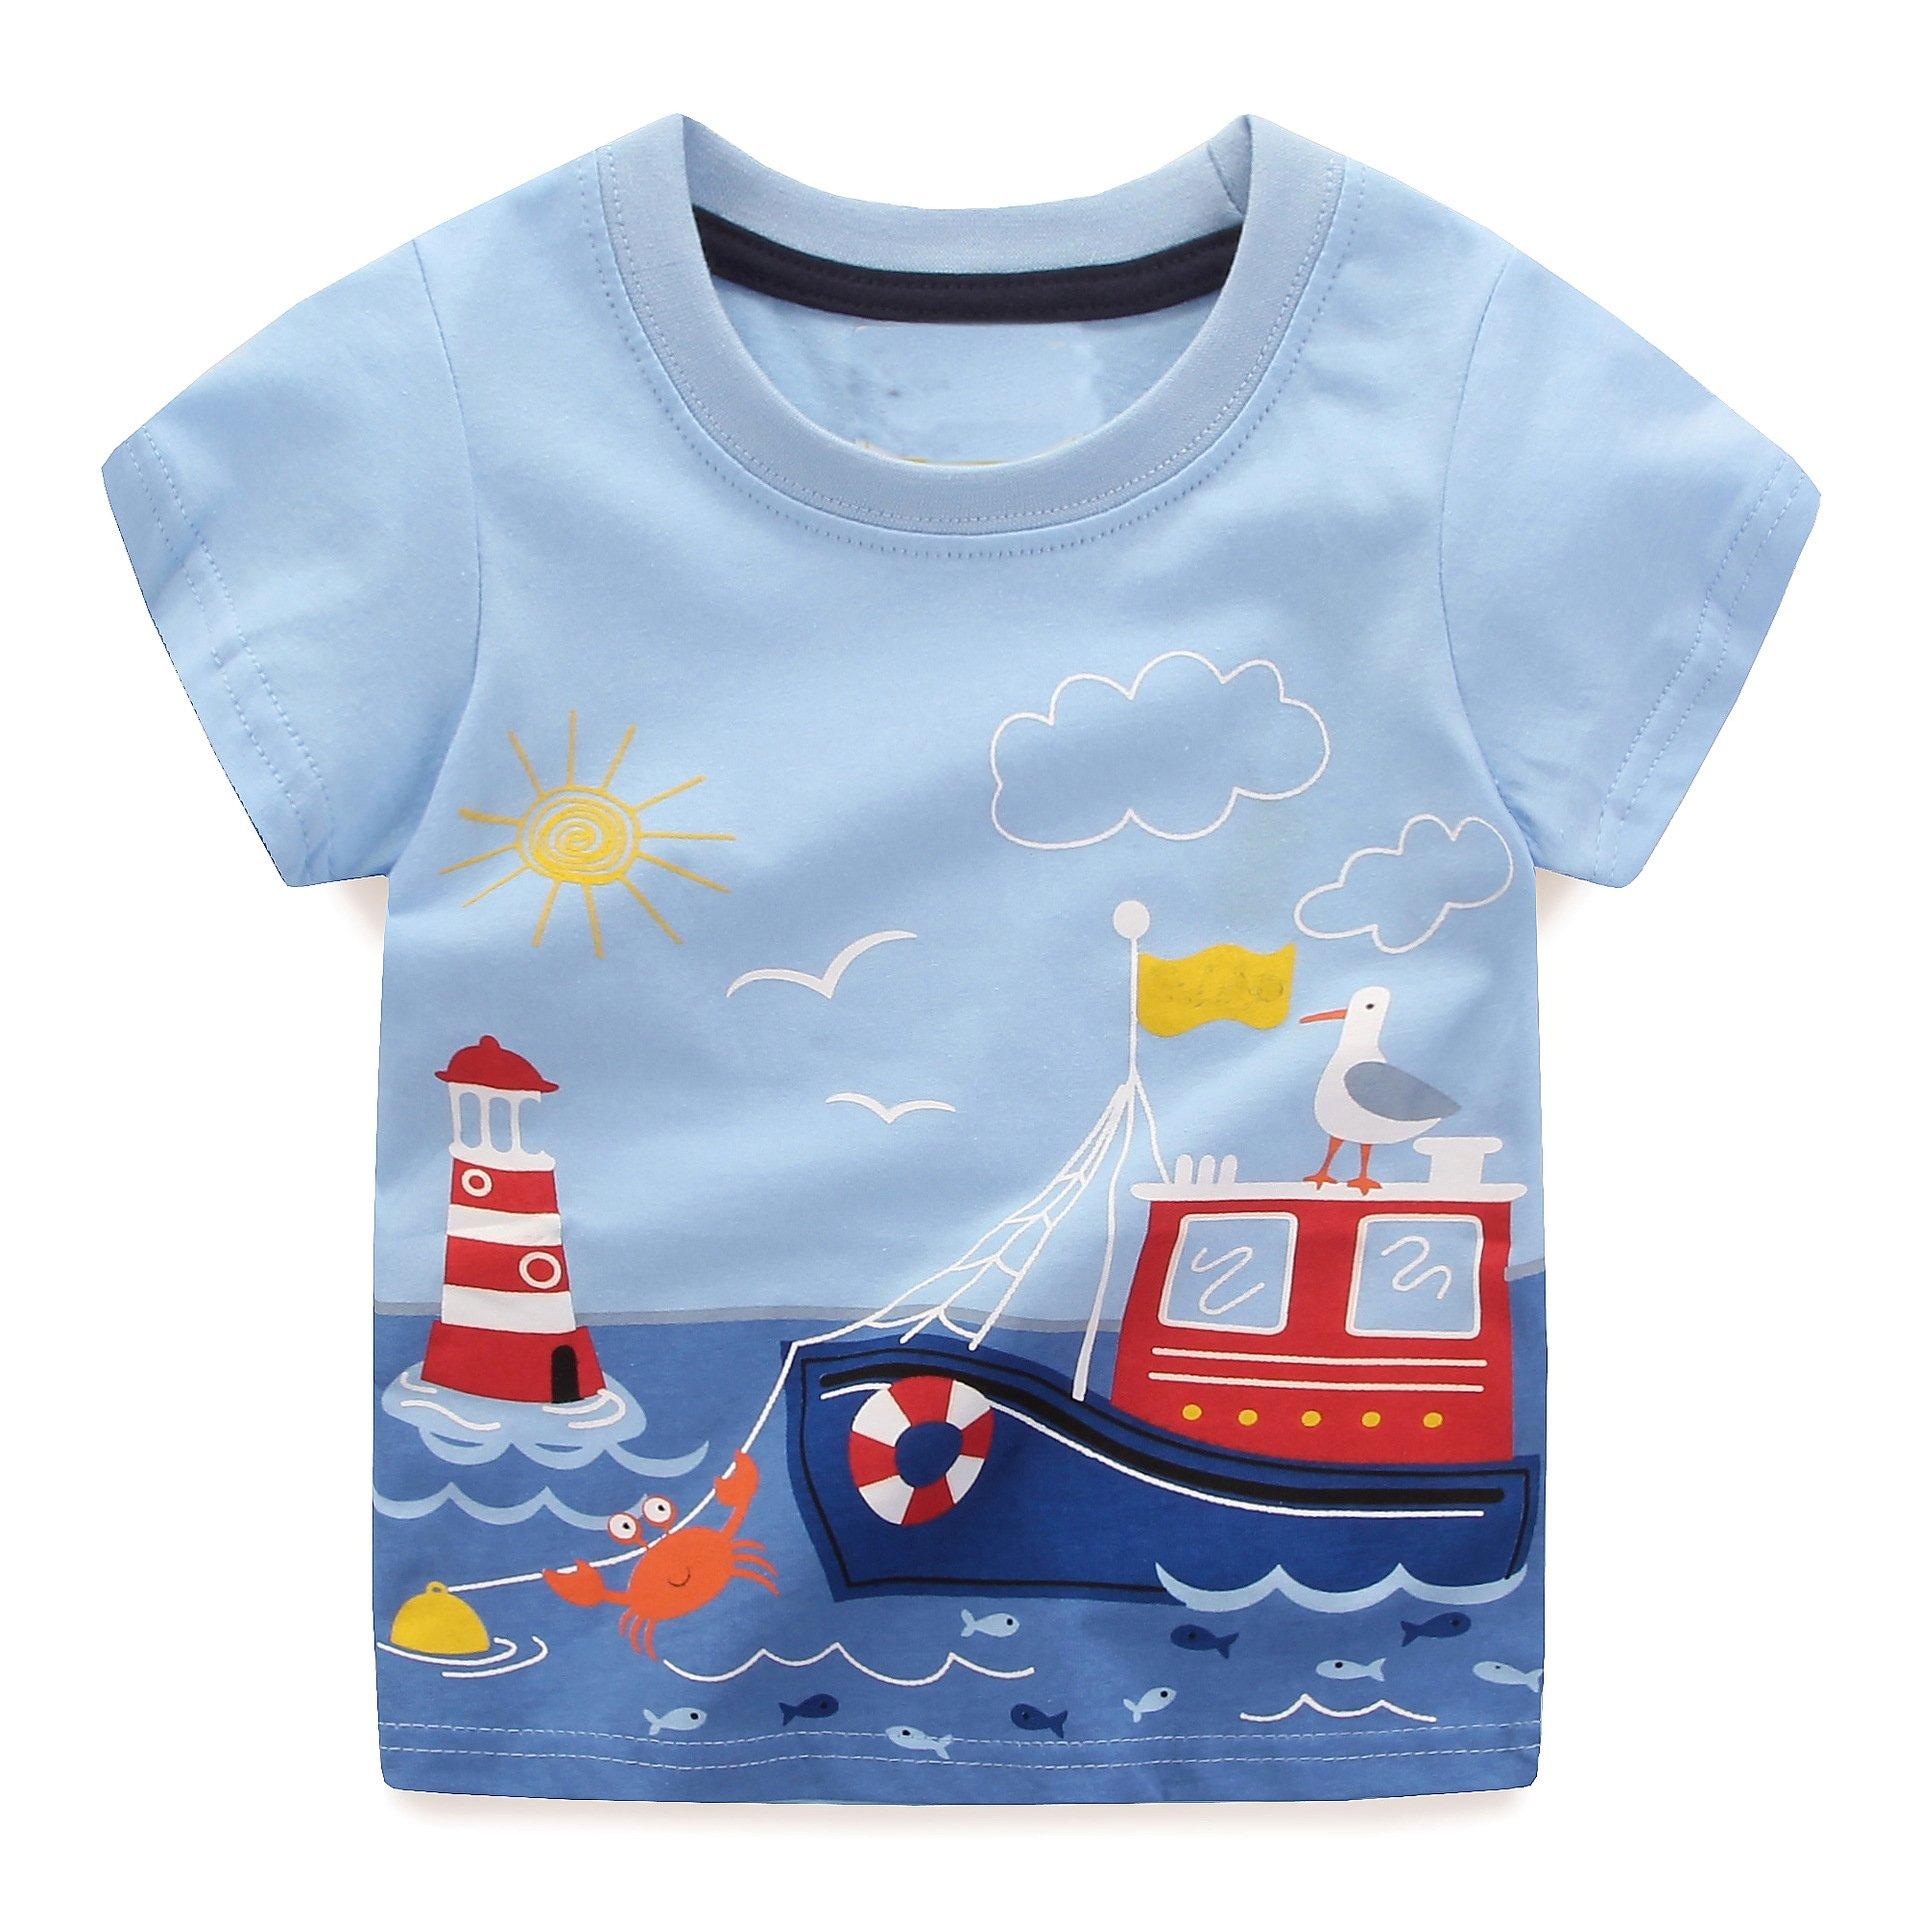 Little Boys Summer Cotton Strip T Shirt,Summer Short Sleeve T-shirt Clothes (3T, Ship)